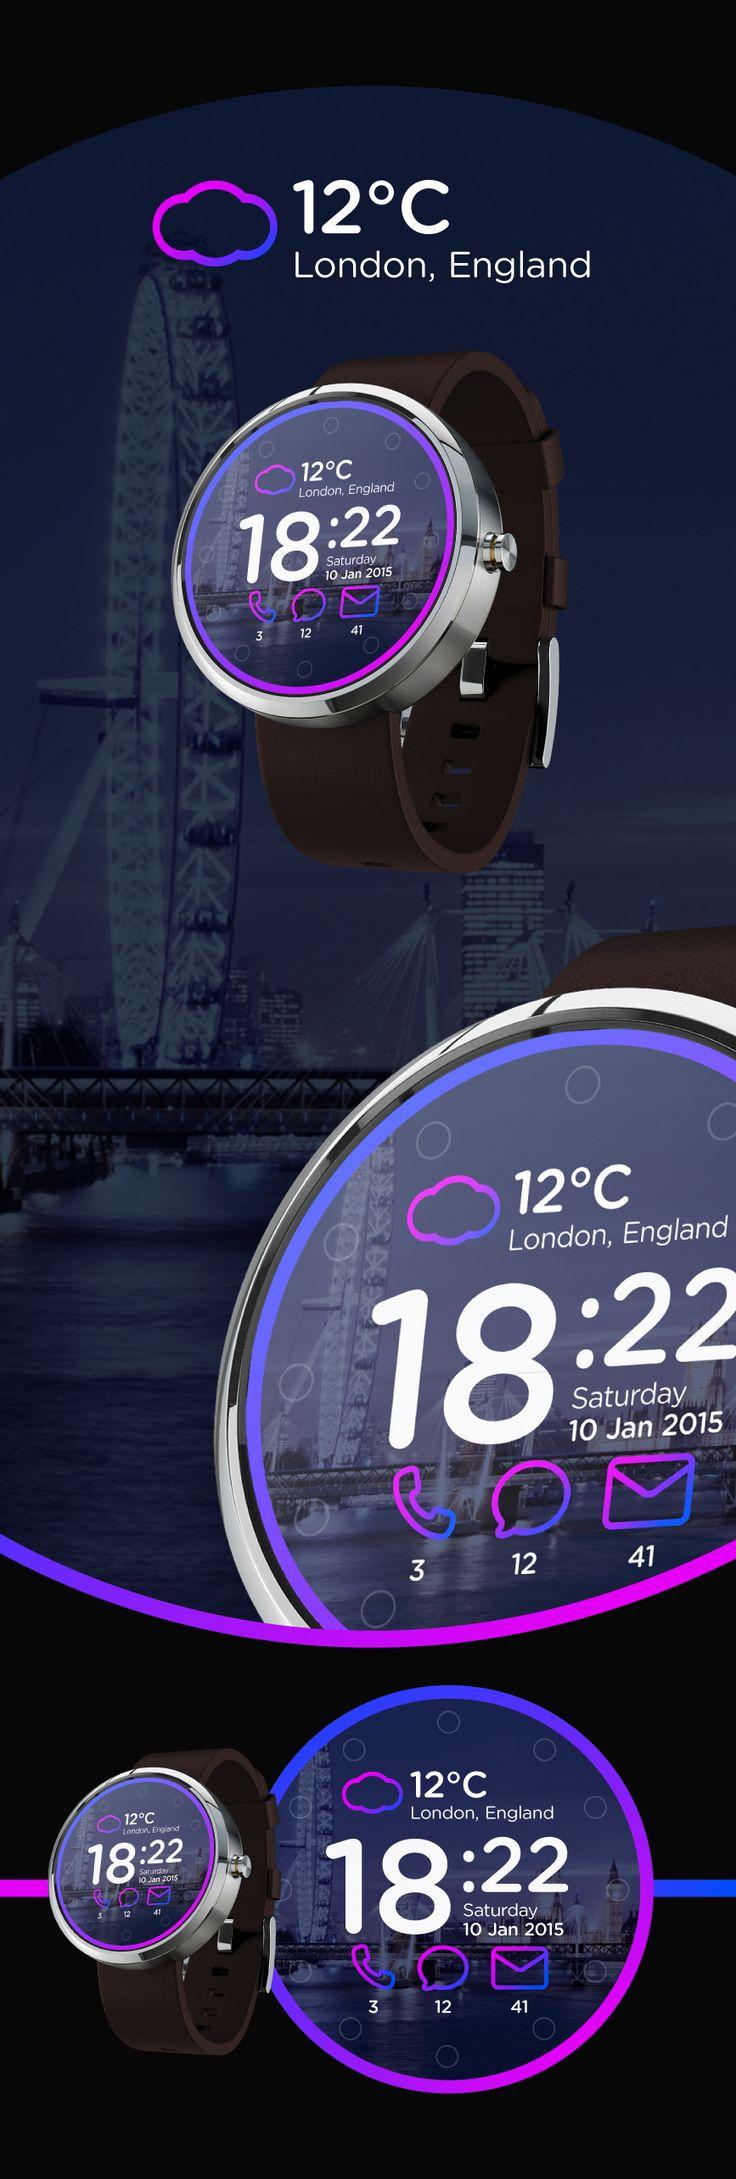 Watch_2015_london